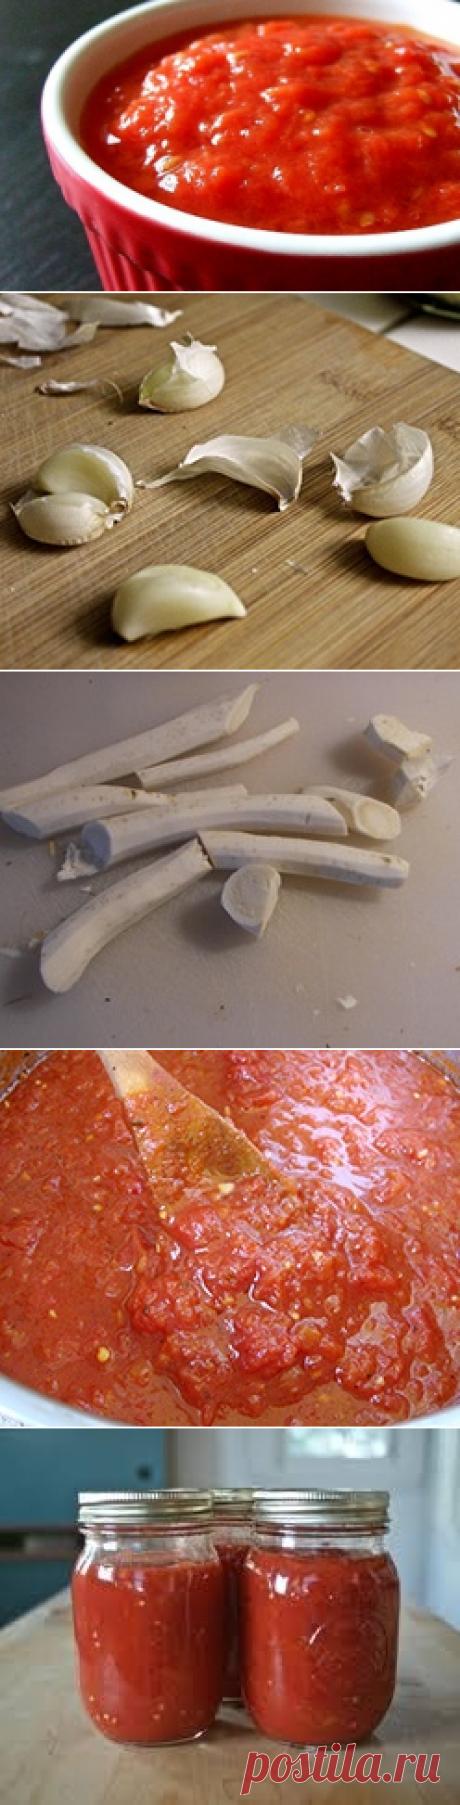 Хреновая закуска на зиму / Соусы универсальные / TVCook: пошаговые рецепты с фото